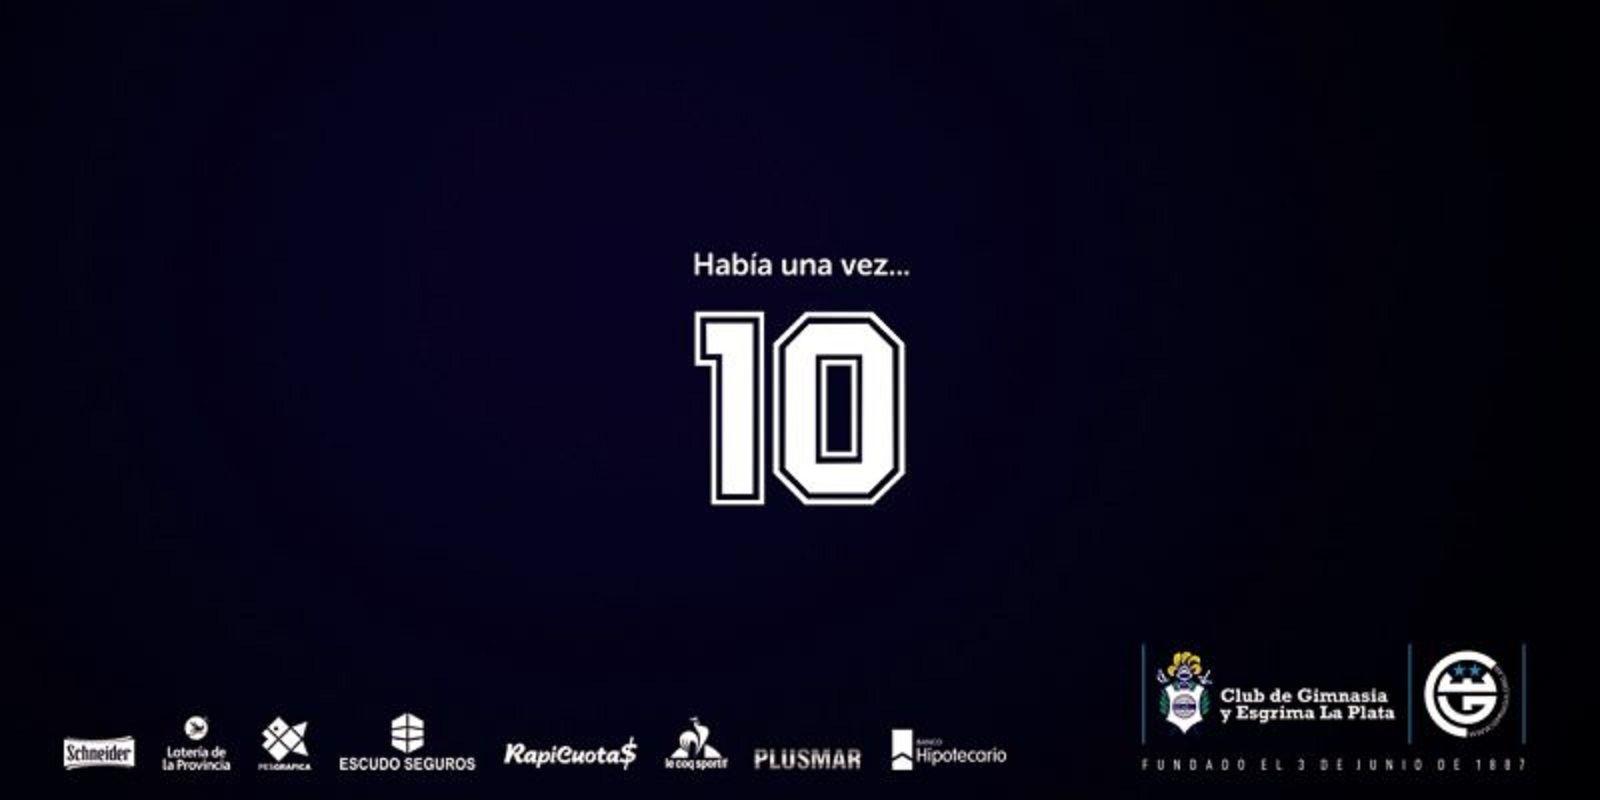 Bienvenido al Club más hermoso del mundo: así anunció Gimnasia la llegada de Diego Maradona como DT